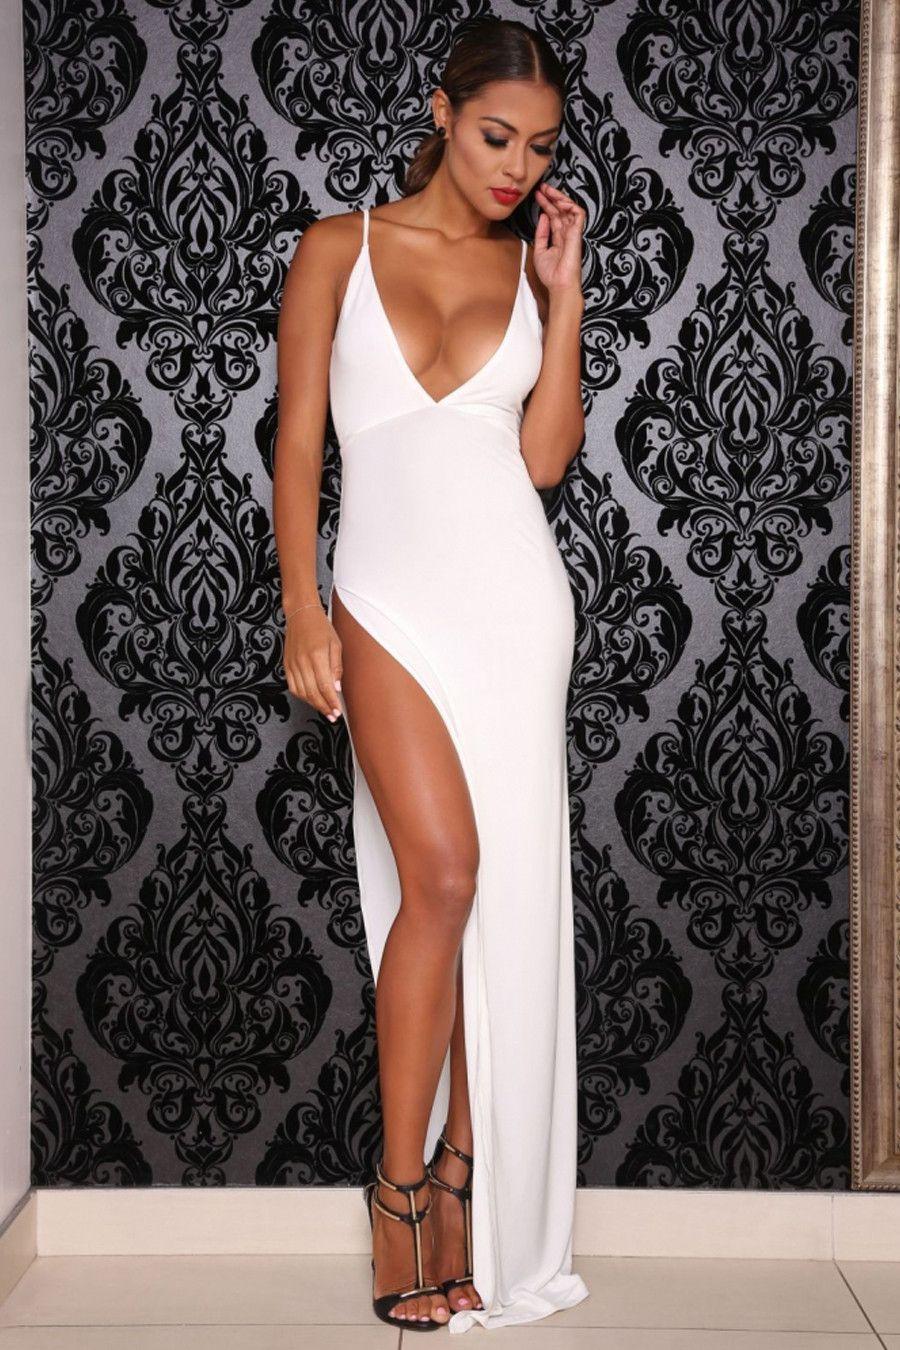 Prom Dresses Panosundaki Pin [ 1350 x 900 Pixel ]